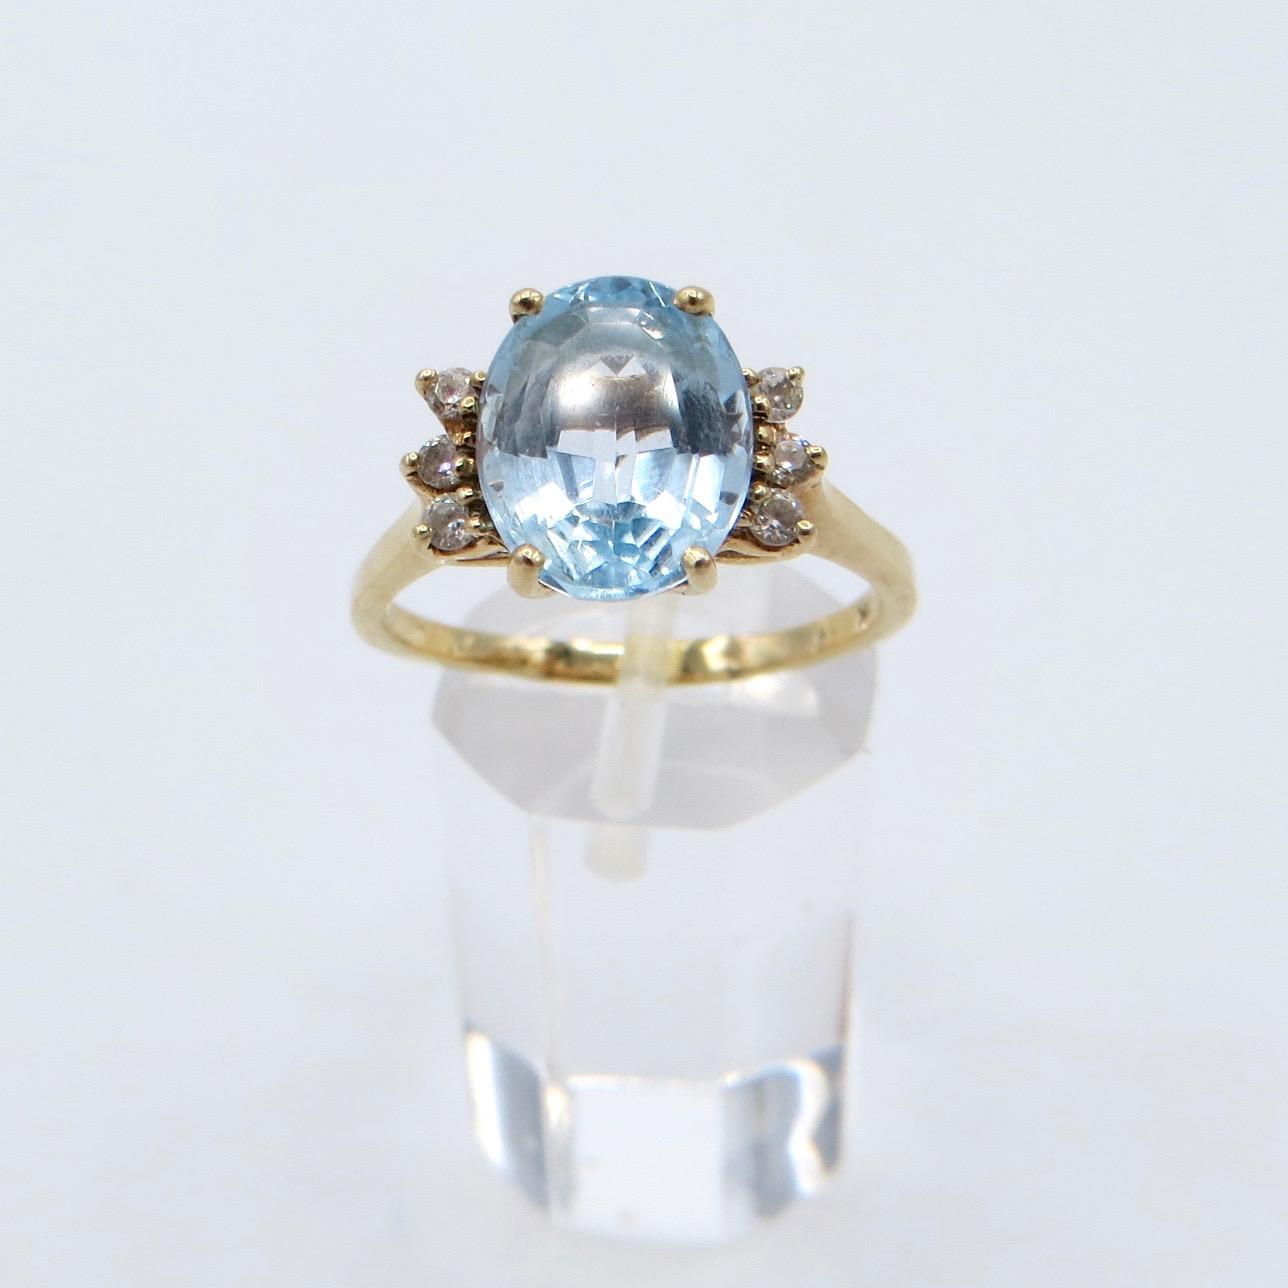 10kt Gold Topaz & Diamond Ring